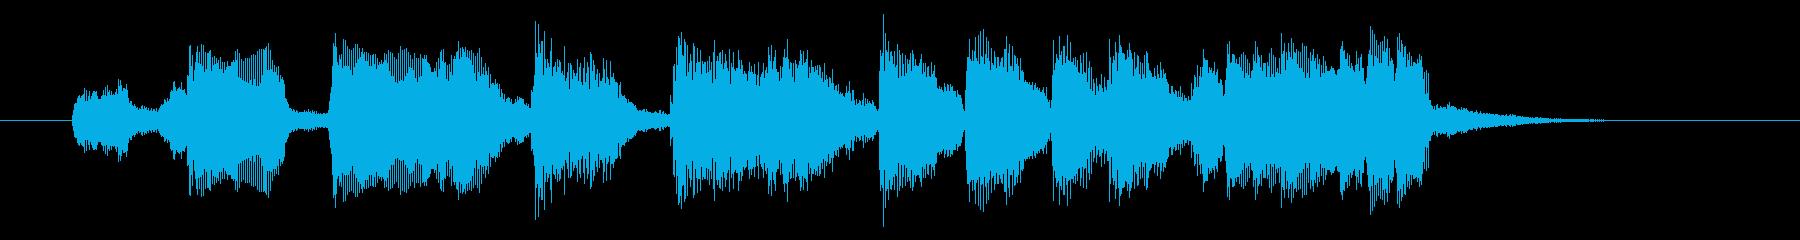 スローテンポの和風アニメの挿入曲の再生済みの波形